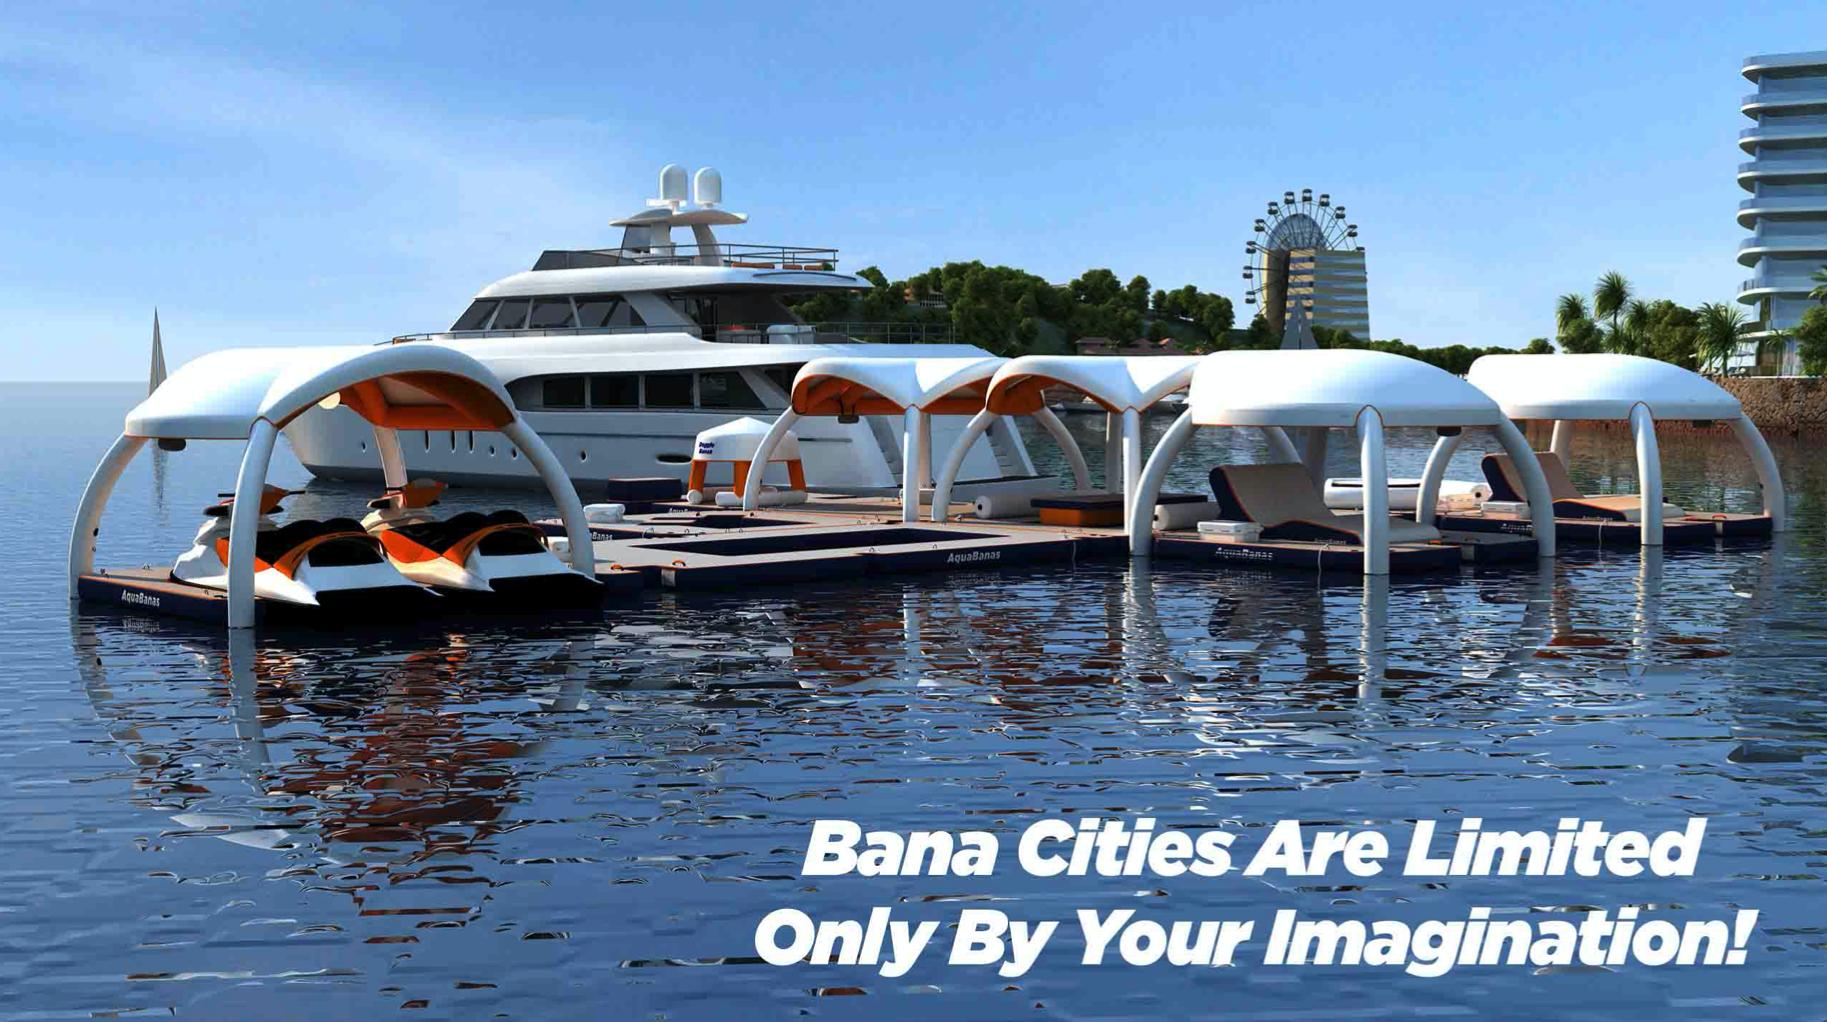 BanaCities